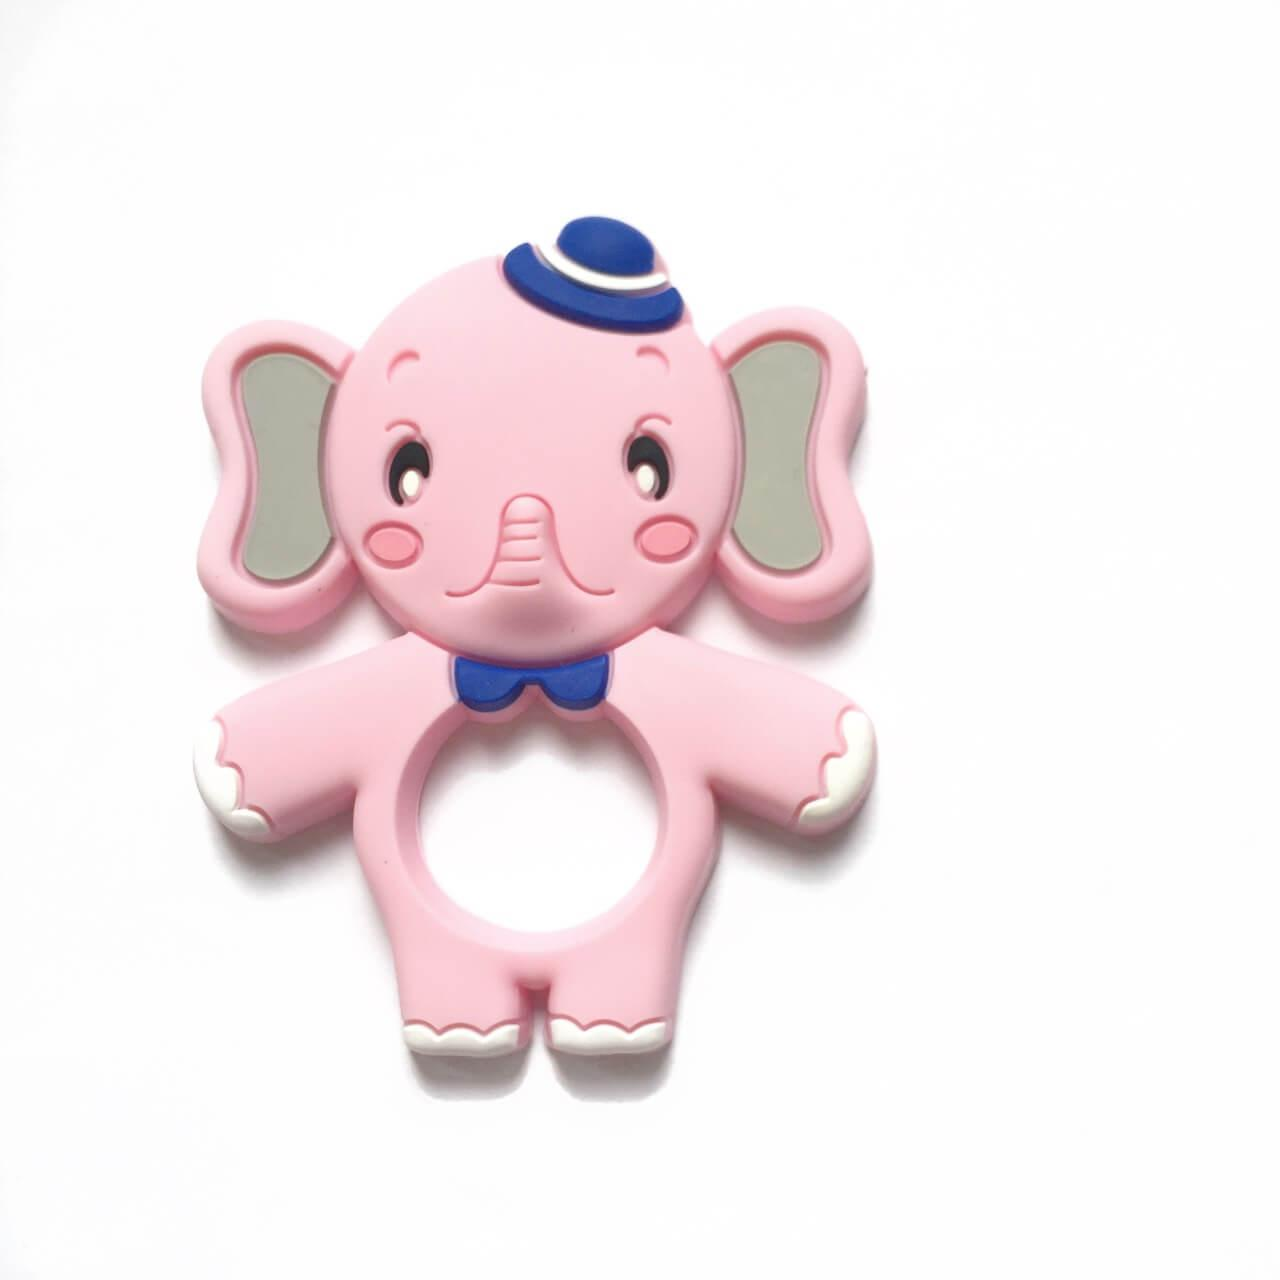 Слон со шляпкой (роза кварц) (силиконовые грызунки)